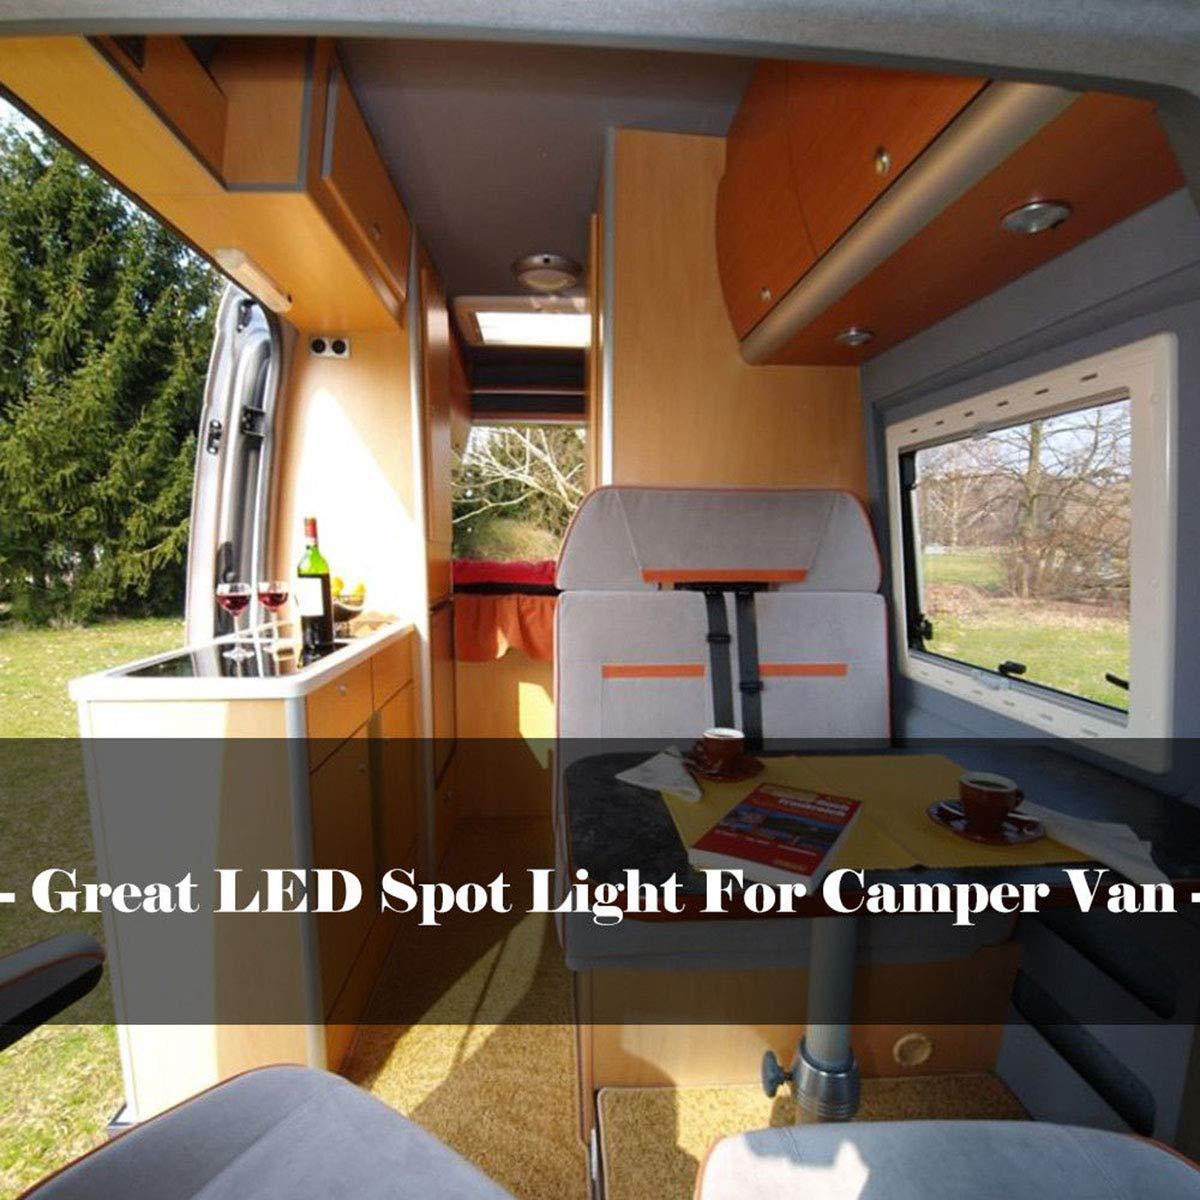 Wallfire 8Pcs 12V Innenraum LED-Spot-Licht-Flutlicht f/ür Camper Van Caravan Wohnmobil VW T4 T5